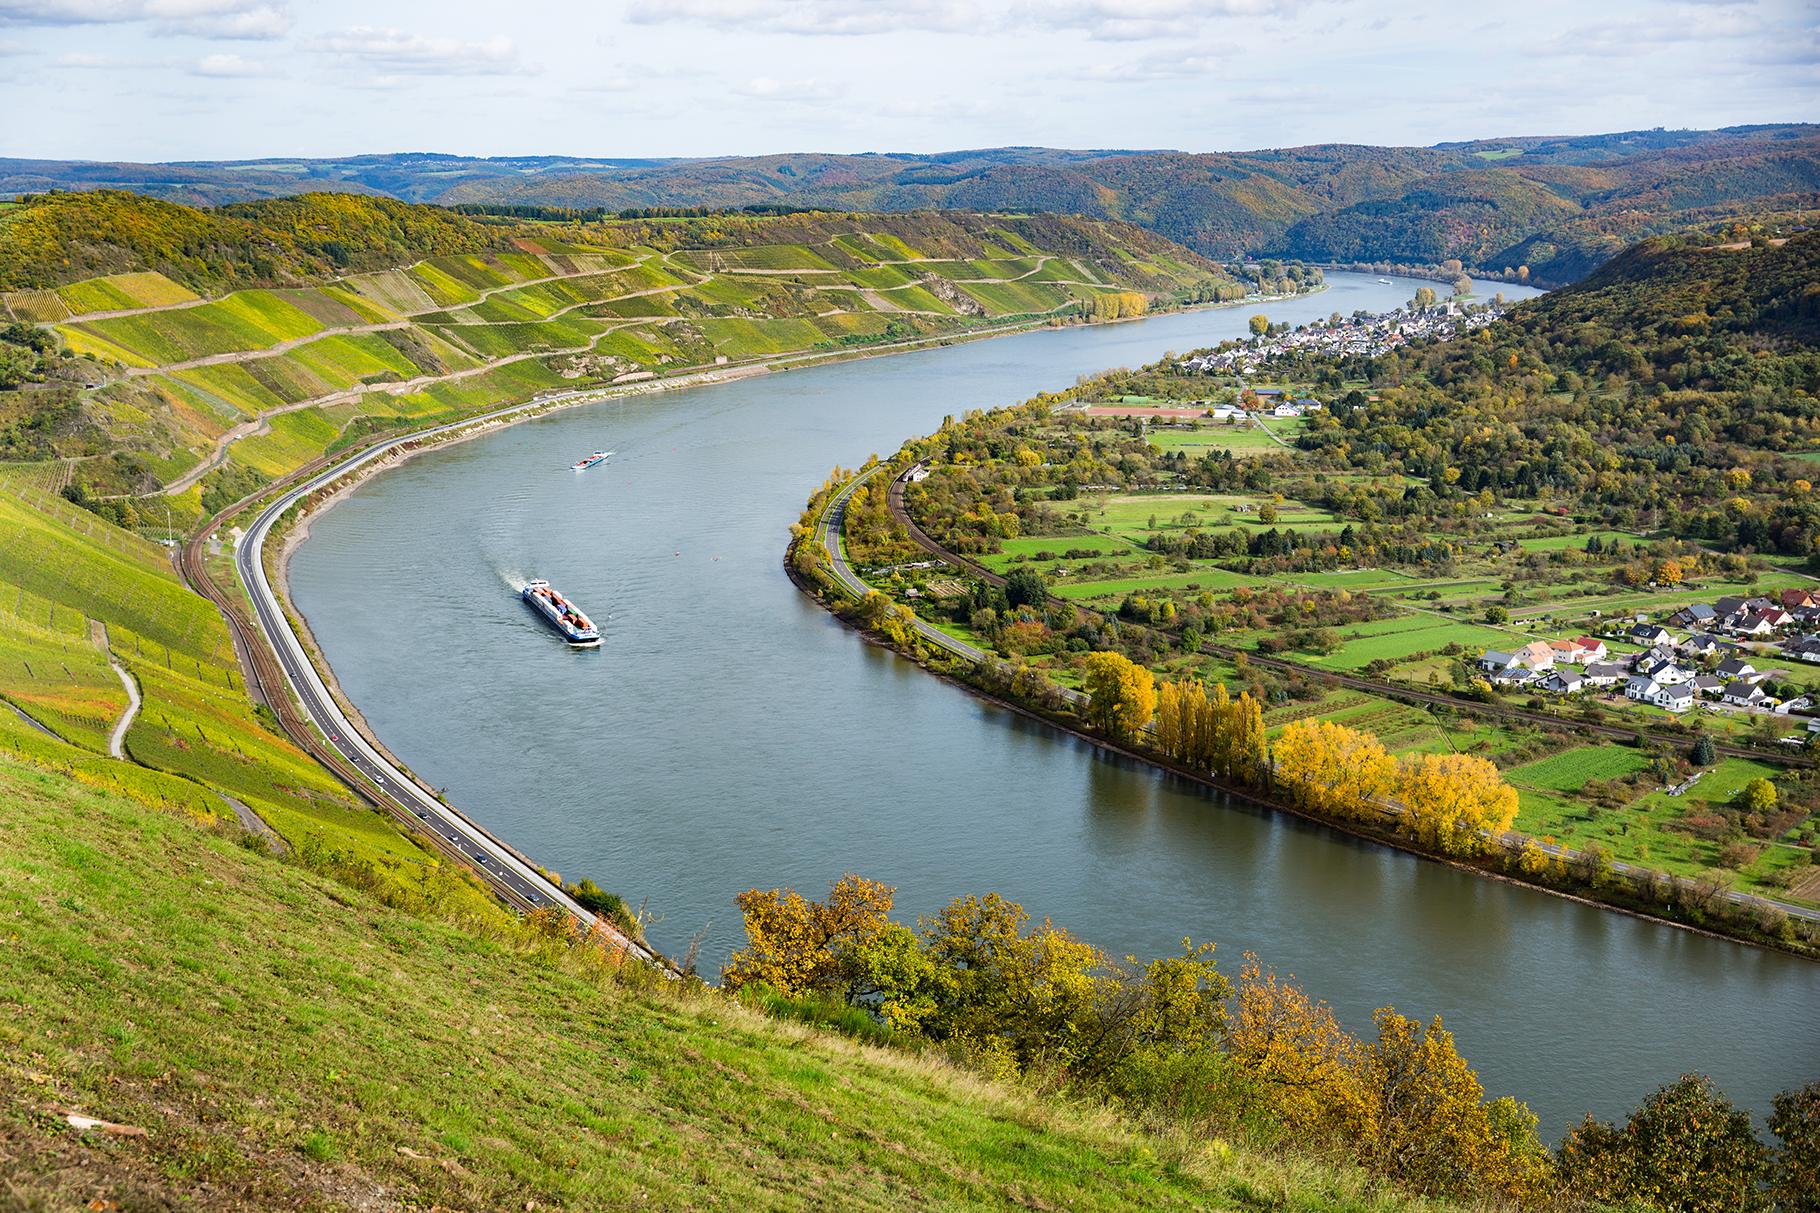 Der Bopparder Hamm ist eine bekannte Weinlage am Mittelrhein